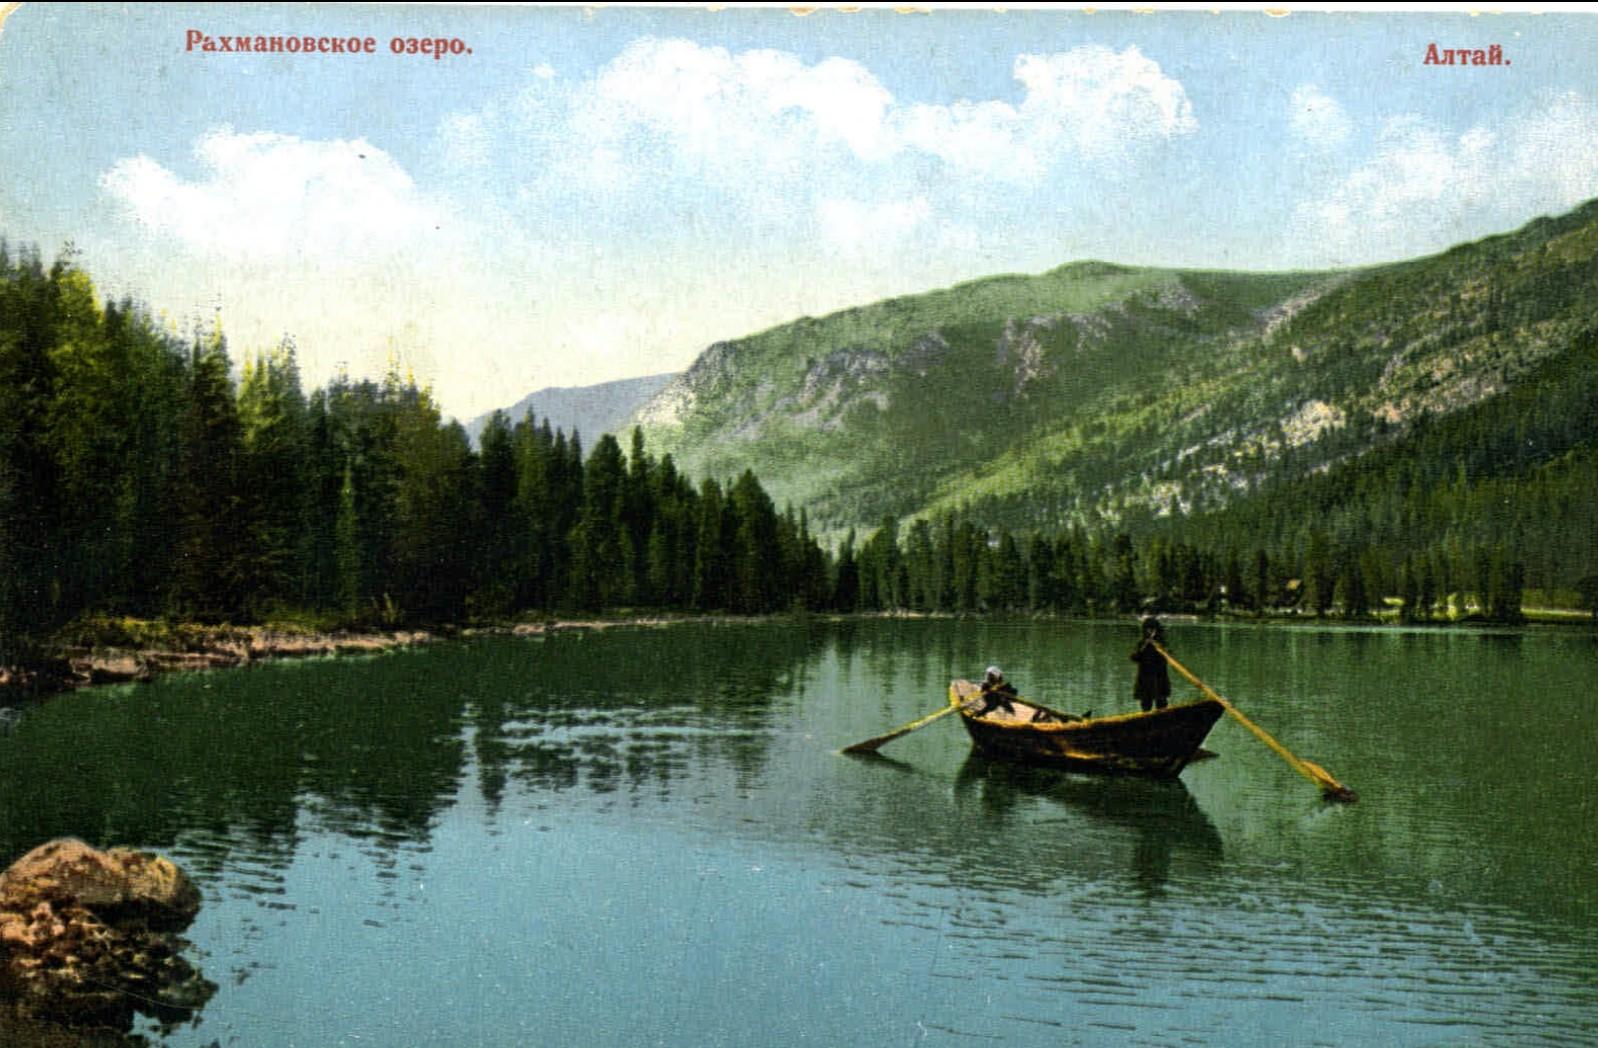 Рахмановское озеро (1)